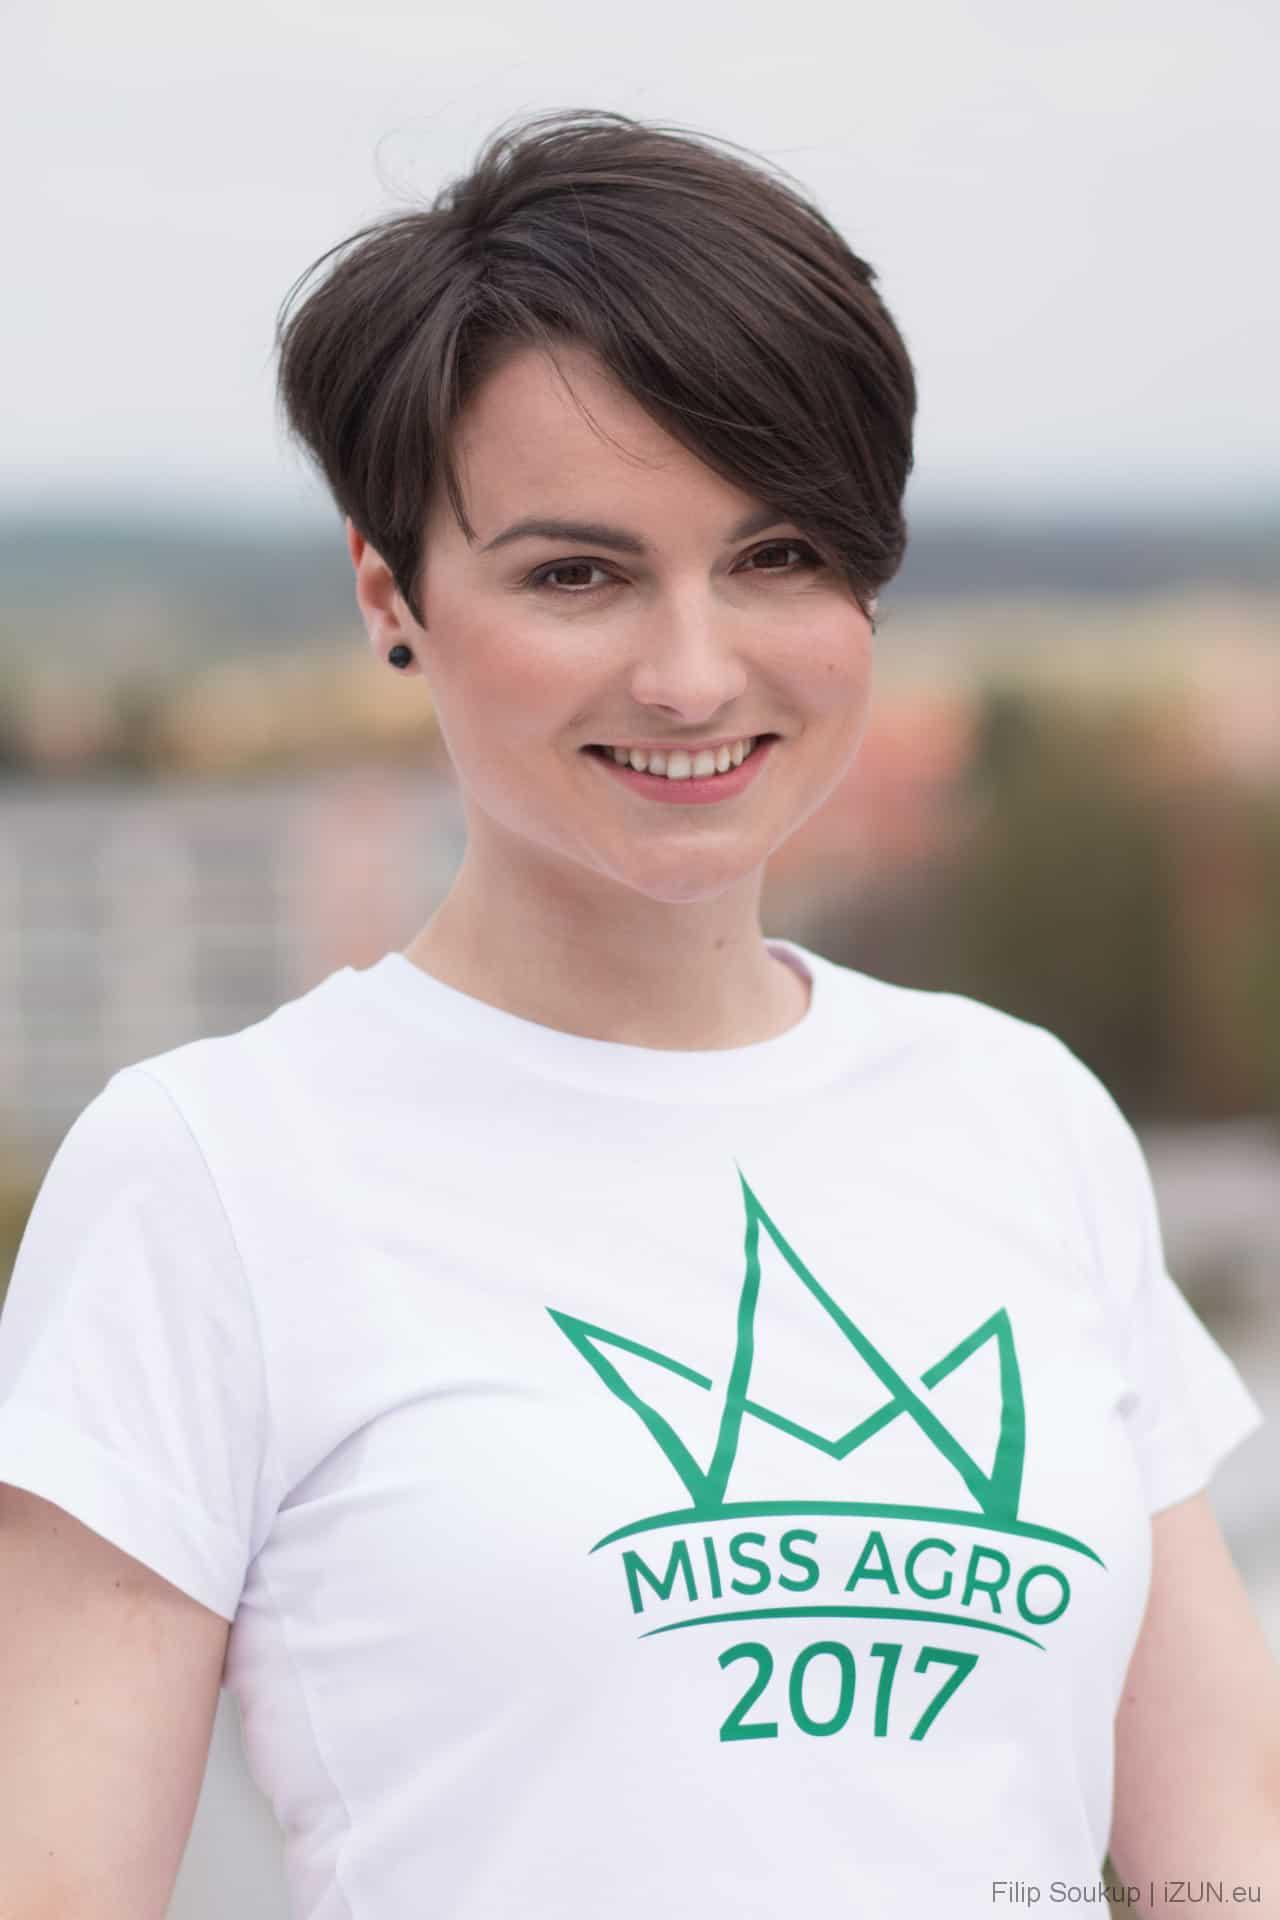 Kateřina Mičulková